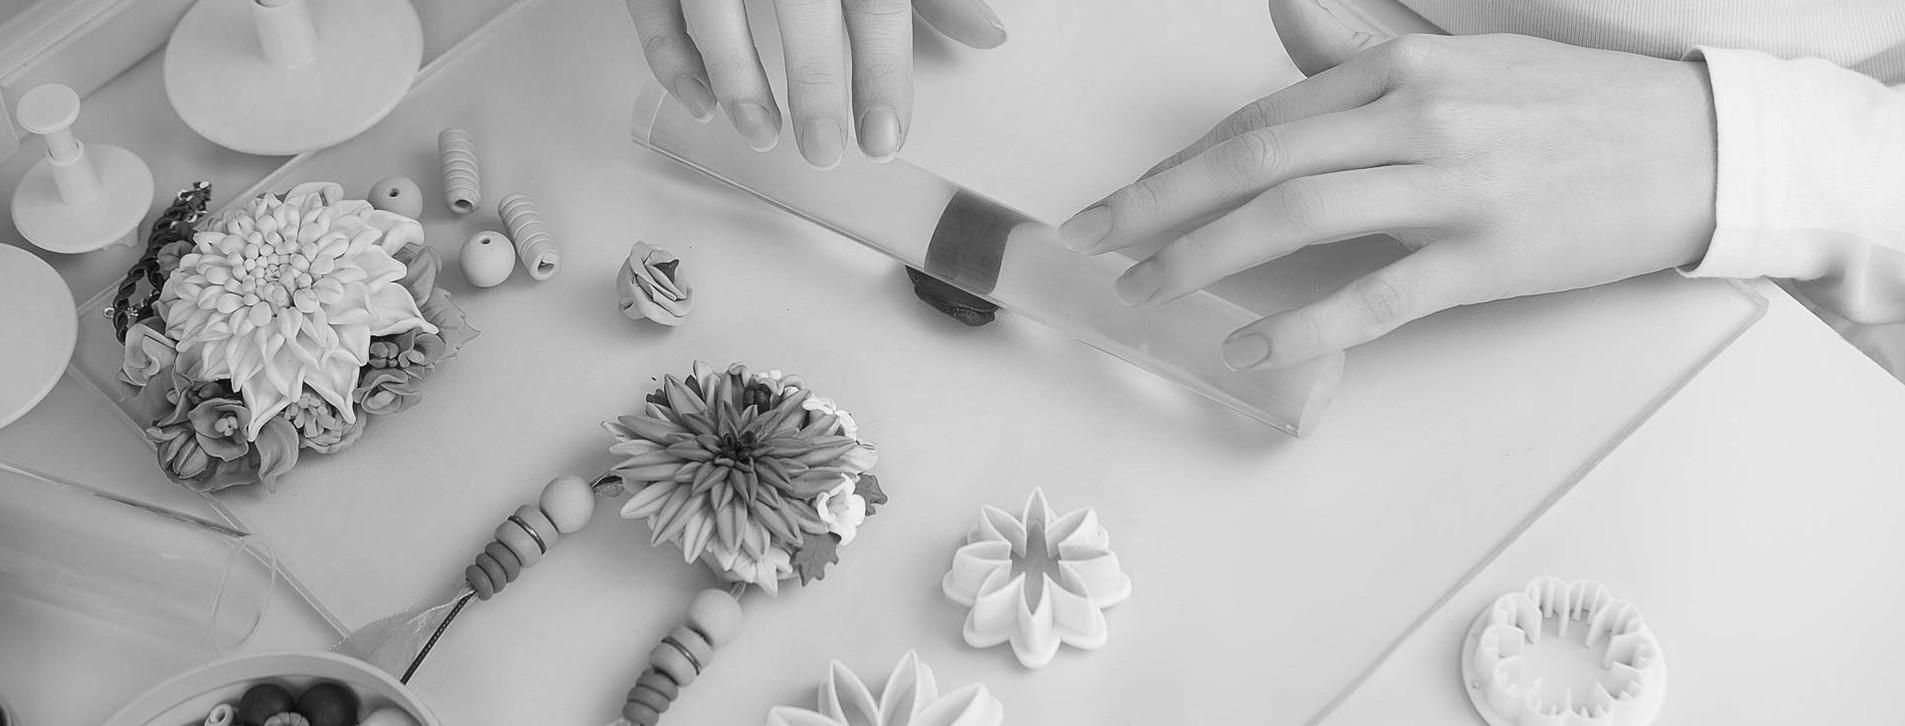 Фото 1 - Цветы из полимерной глины